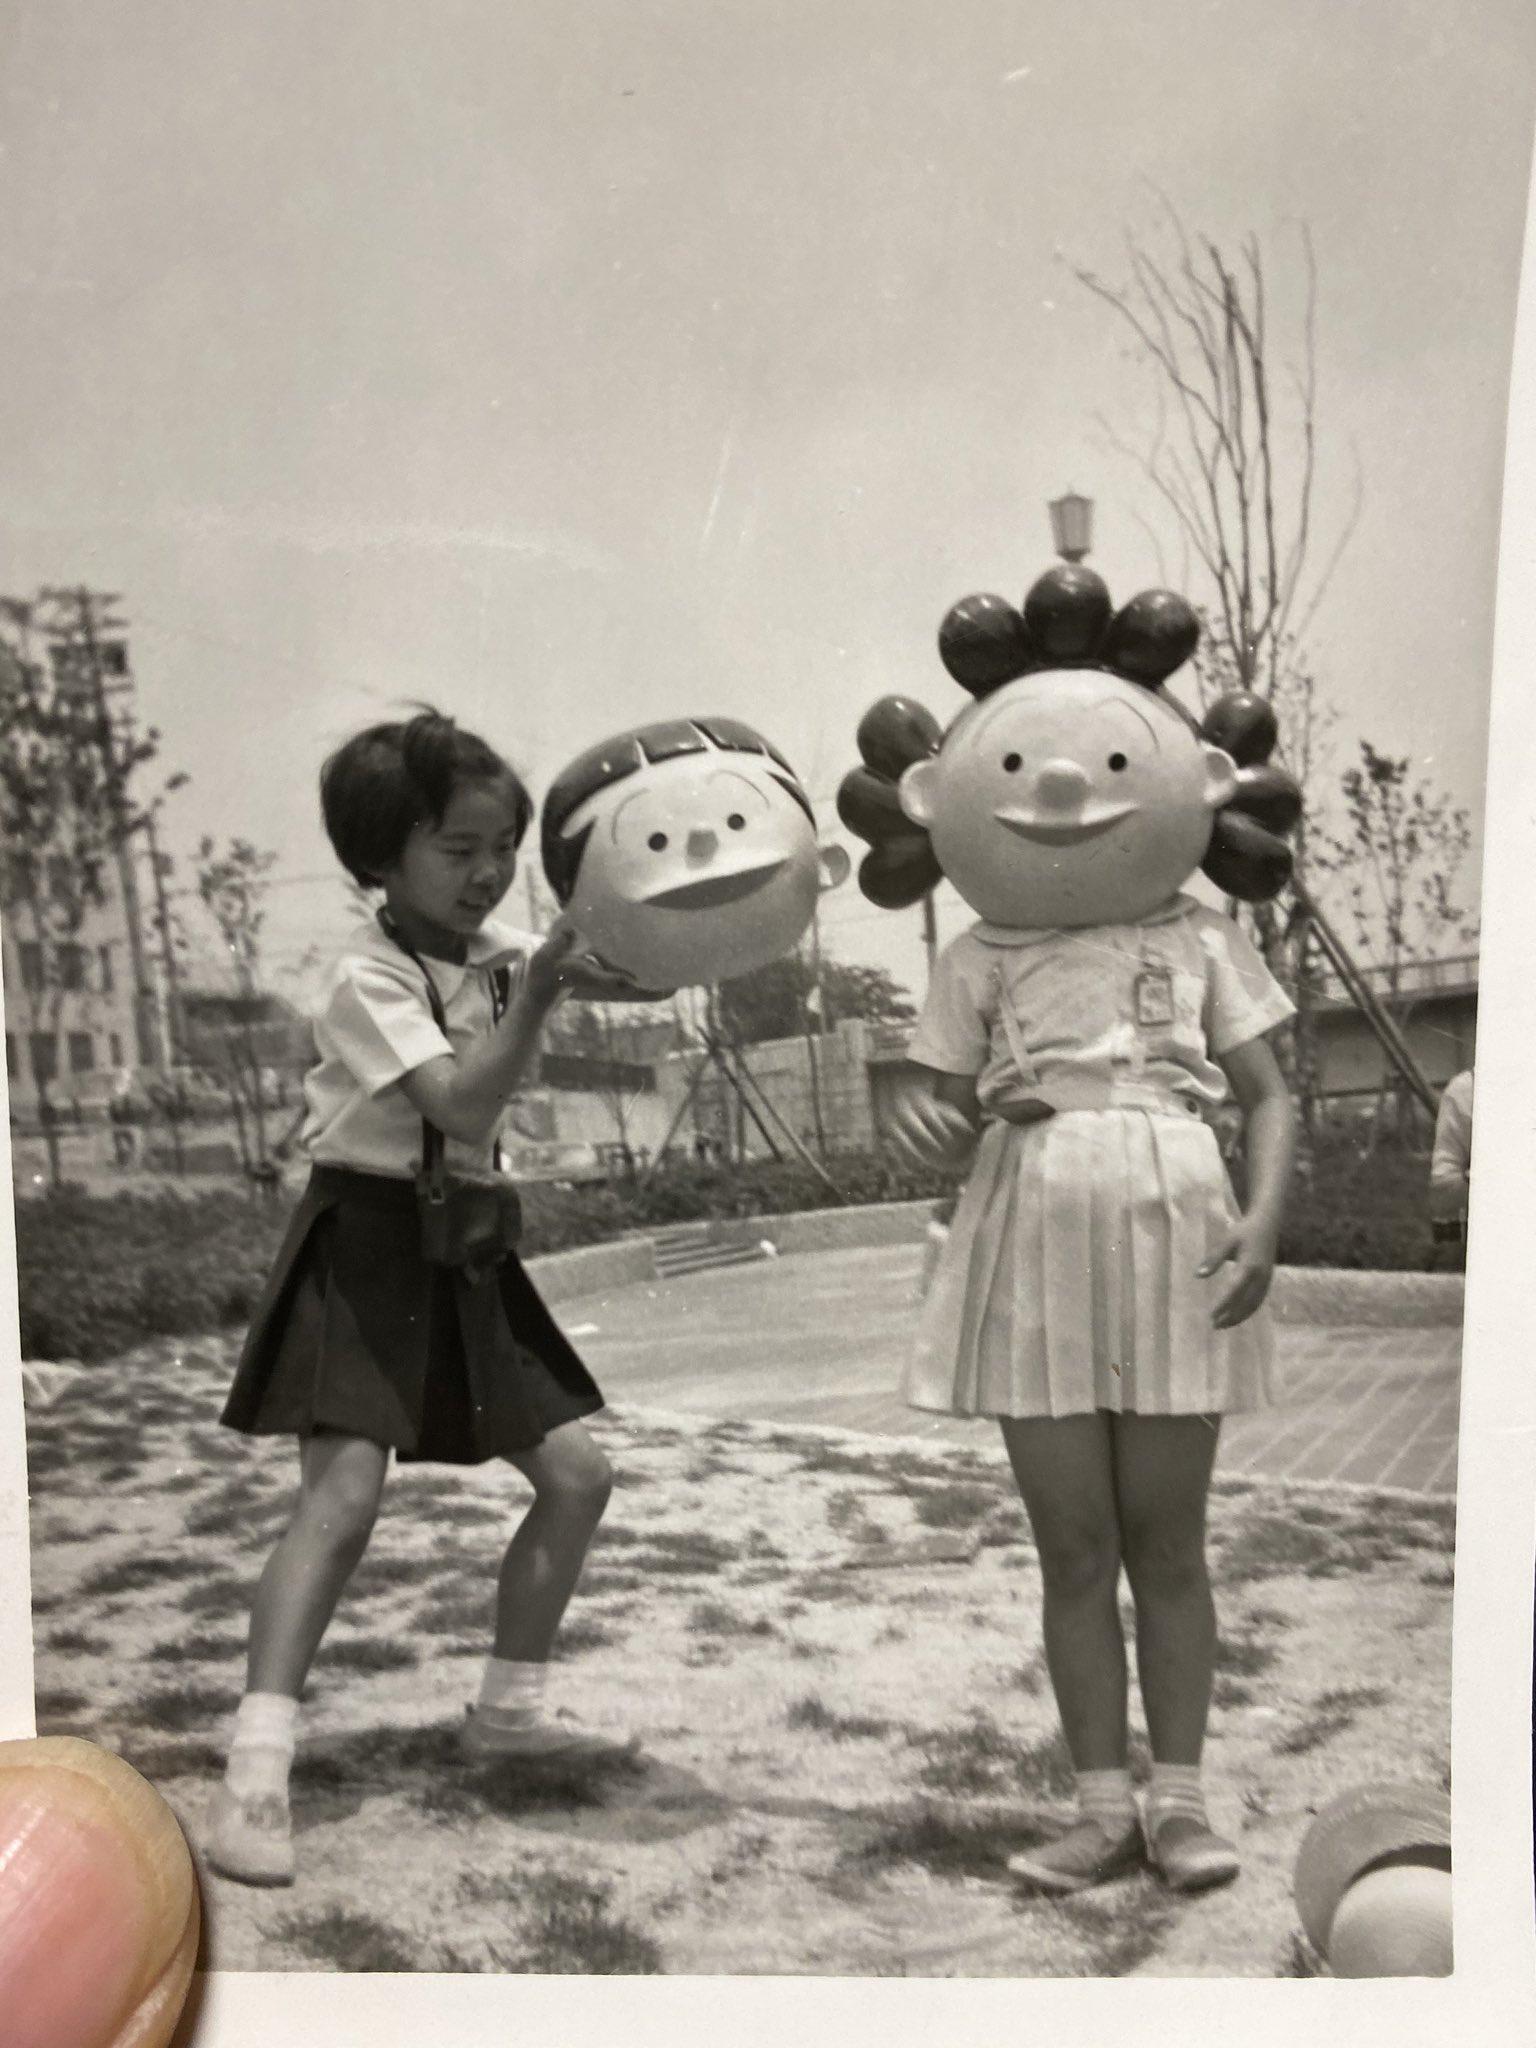 婆ちゃんちに行ってオカンとかの昔の写真見せてもらってたんやけど、意味がわからなすぎて大笑いした。